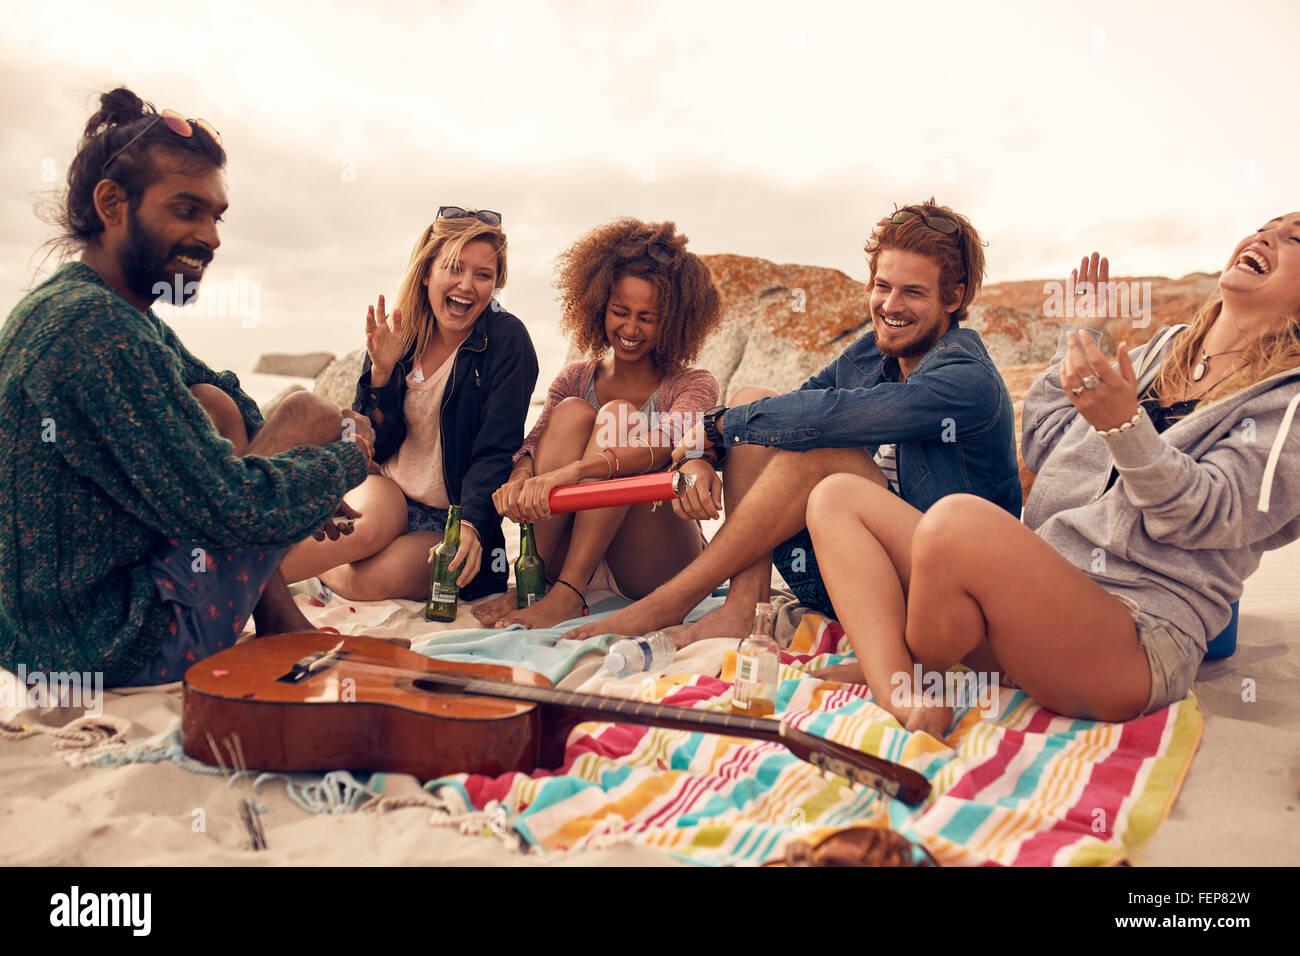 Un gruppo di giovani amici che celebra in un party in spiaggia insieme. I giovani aventi di capodanno al mare. Immagini Stock